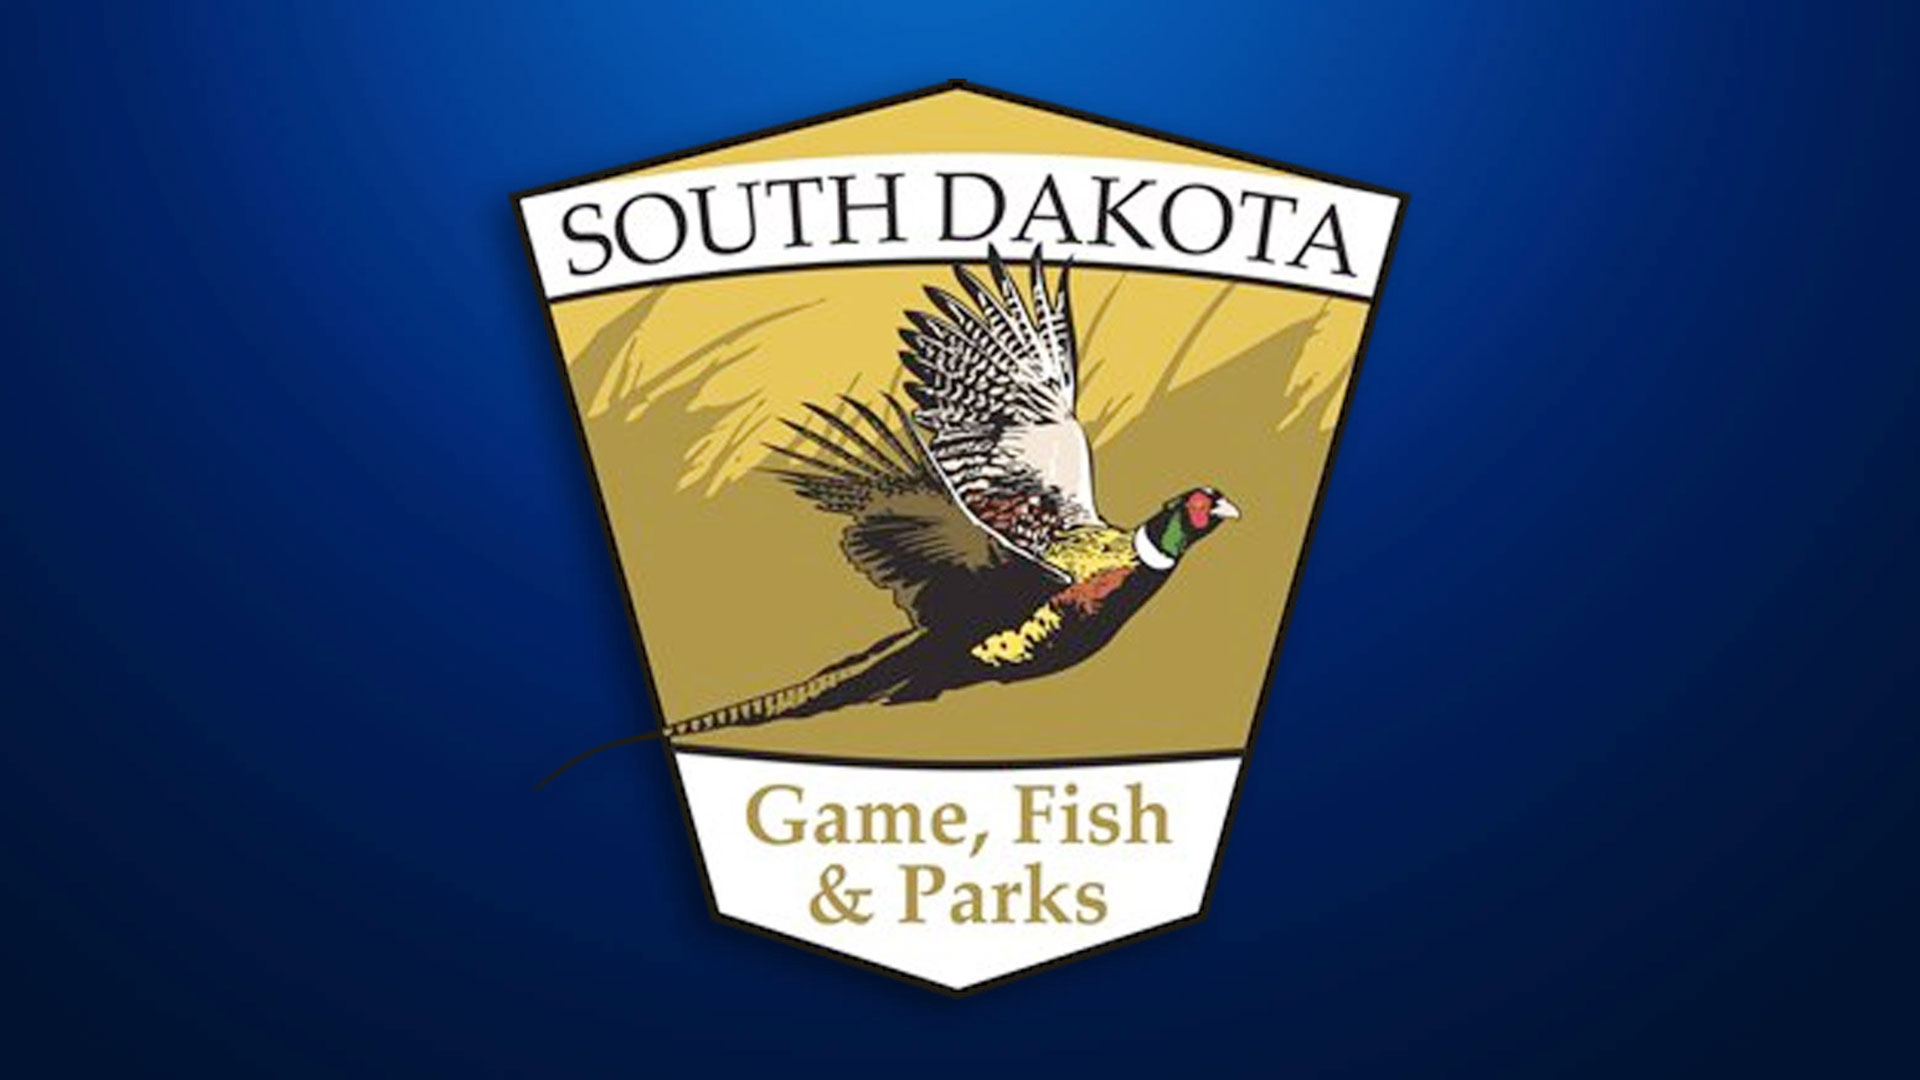 KELO South Dakota Game Fish